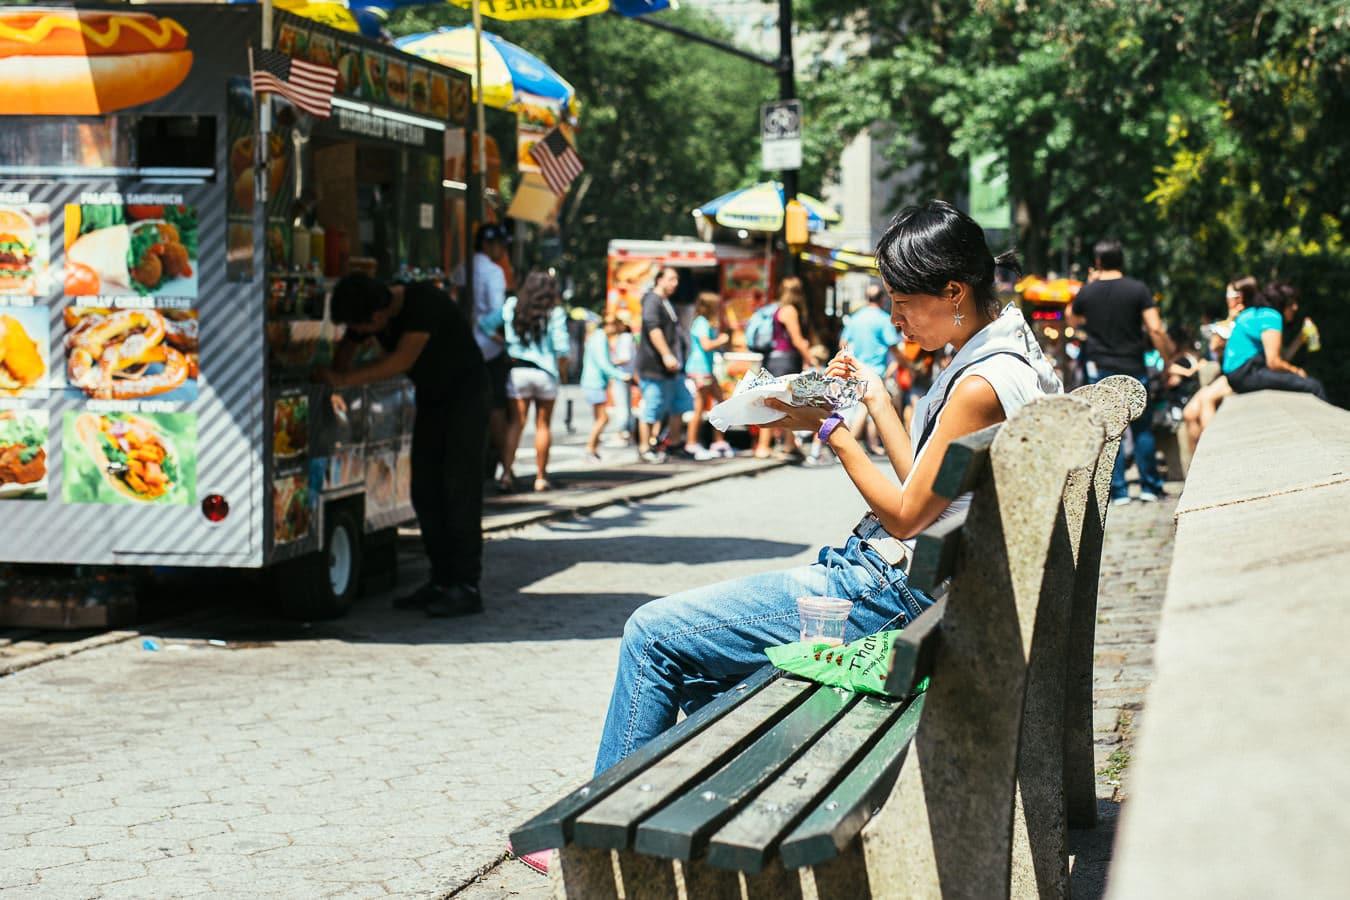 Fotógrafo Brasileiro em Nova York - NYC